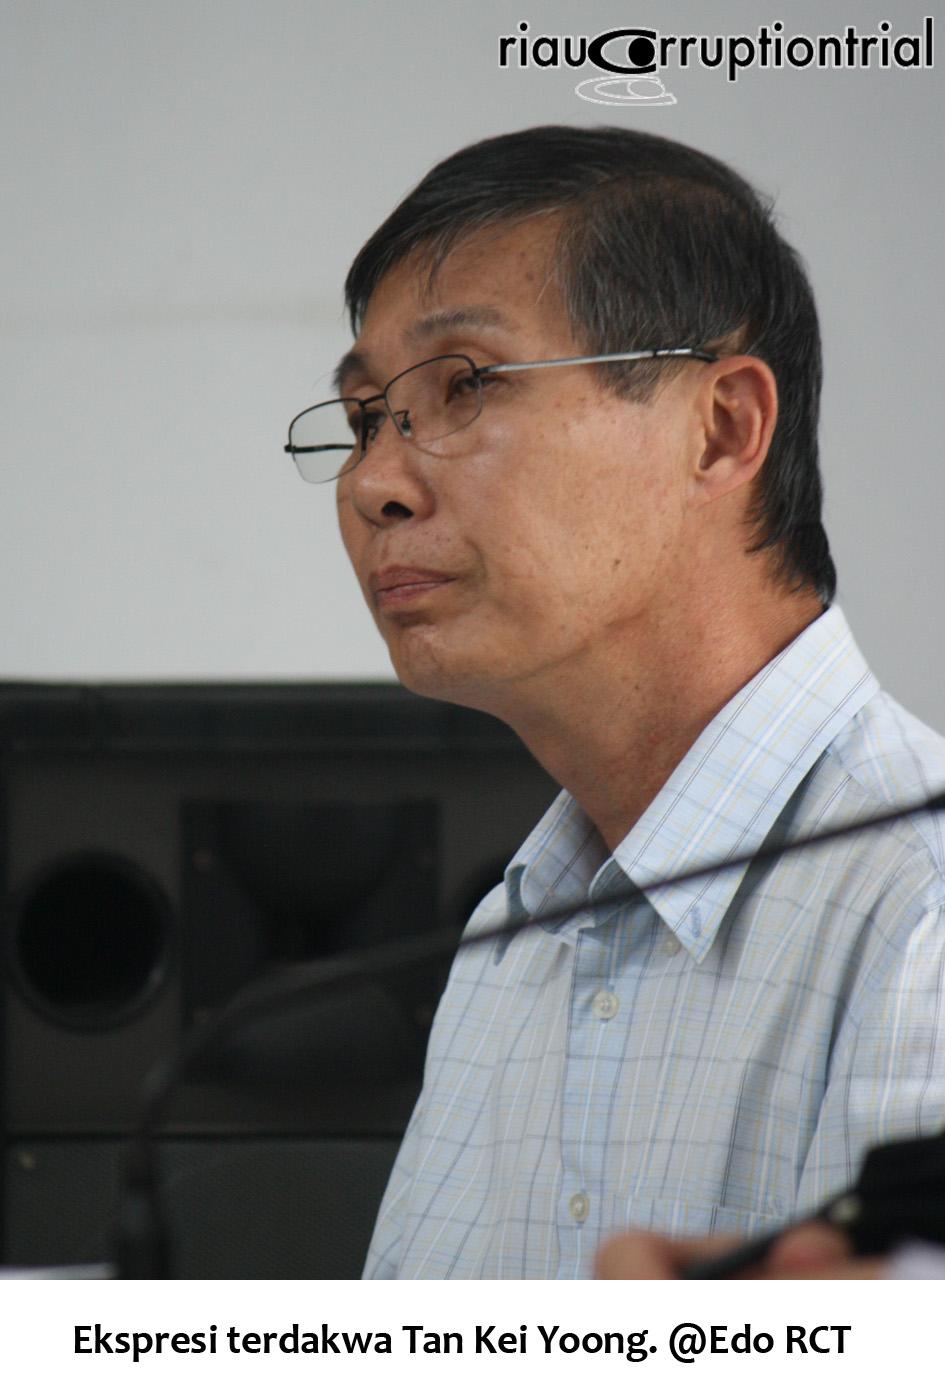 Ekspresi terdakwa Tan Kei Yoong